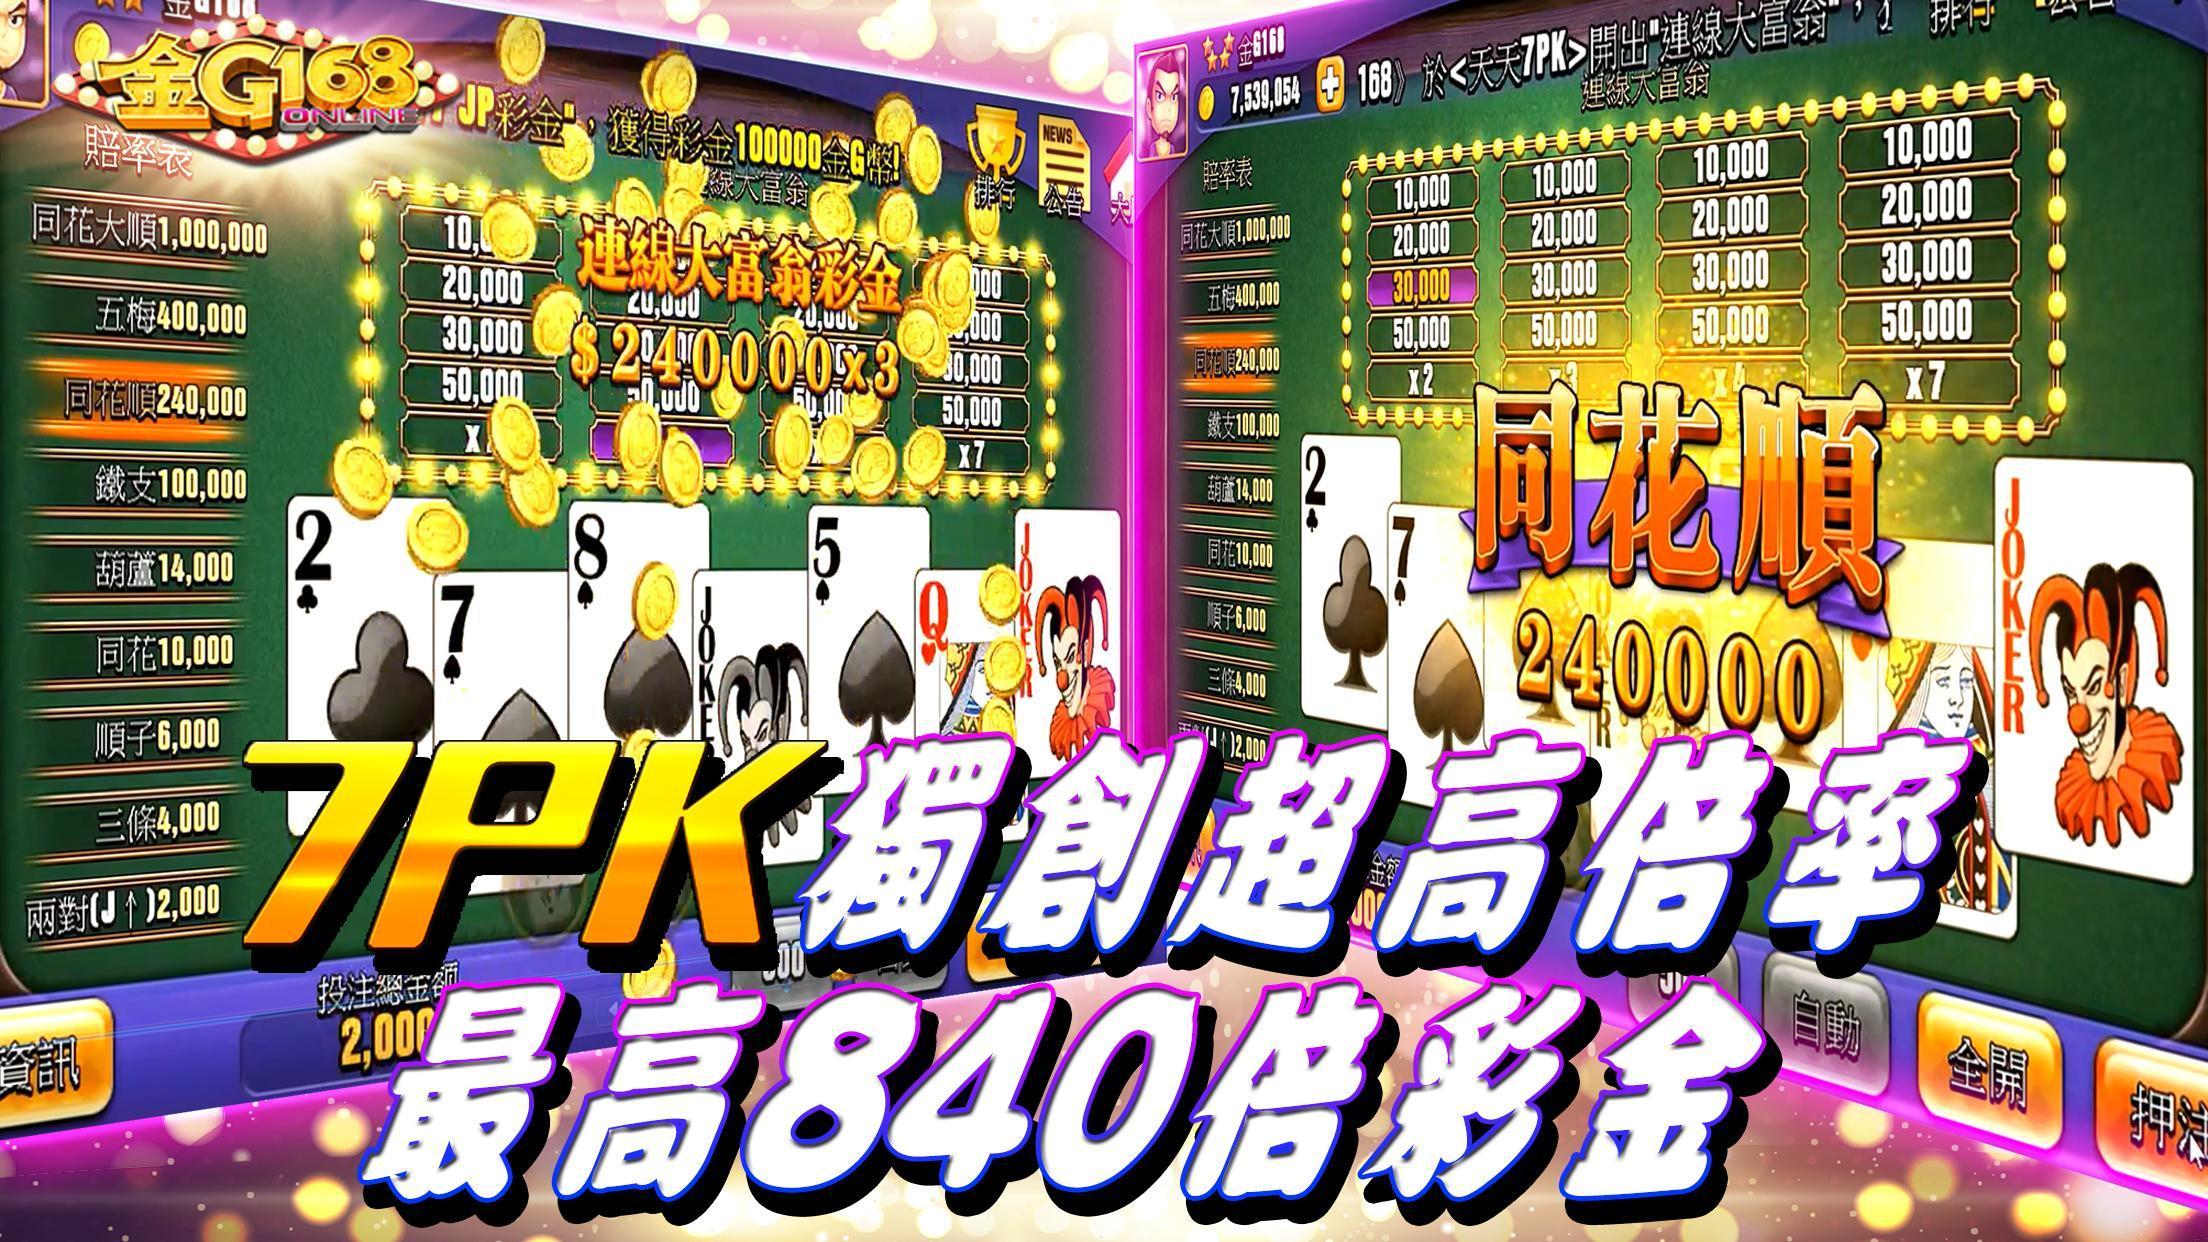 金G168 Casino -老虎機,7PK撲克,小瑪莉,骰寶 1.1.23 Screenshot 12